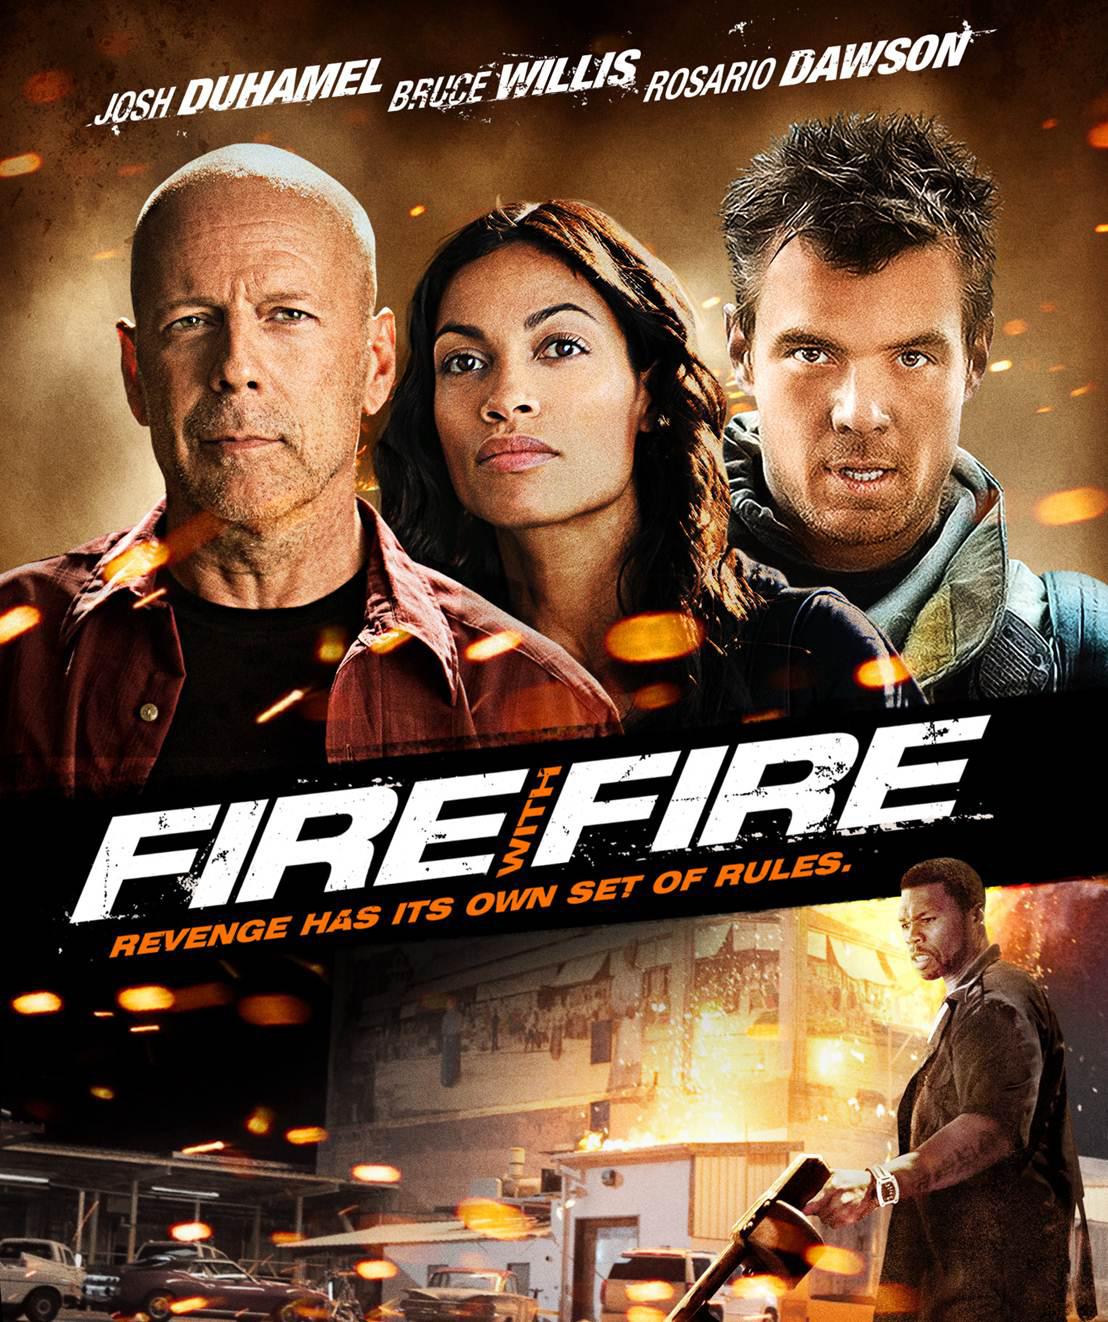 http://4.bp.blogspot.com/-gs0B2cLcKp4/UImaIAM3UgI/AAAAAAAALgY/pcEBYBIgjBE/s1600/Fire+with+Fire+(2012).jpg